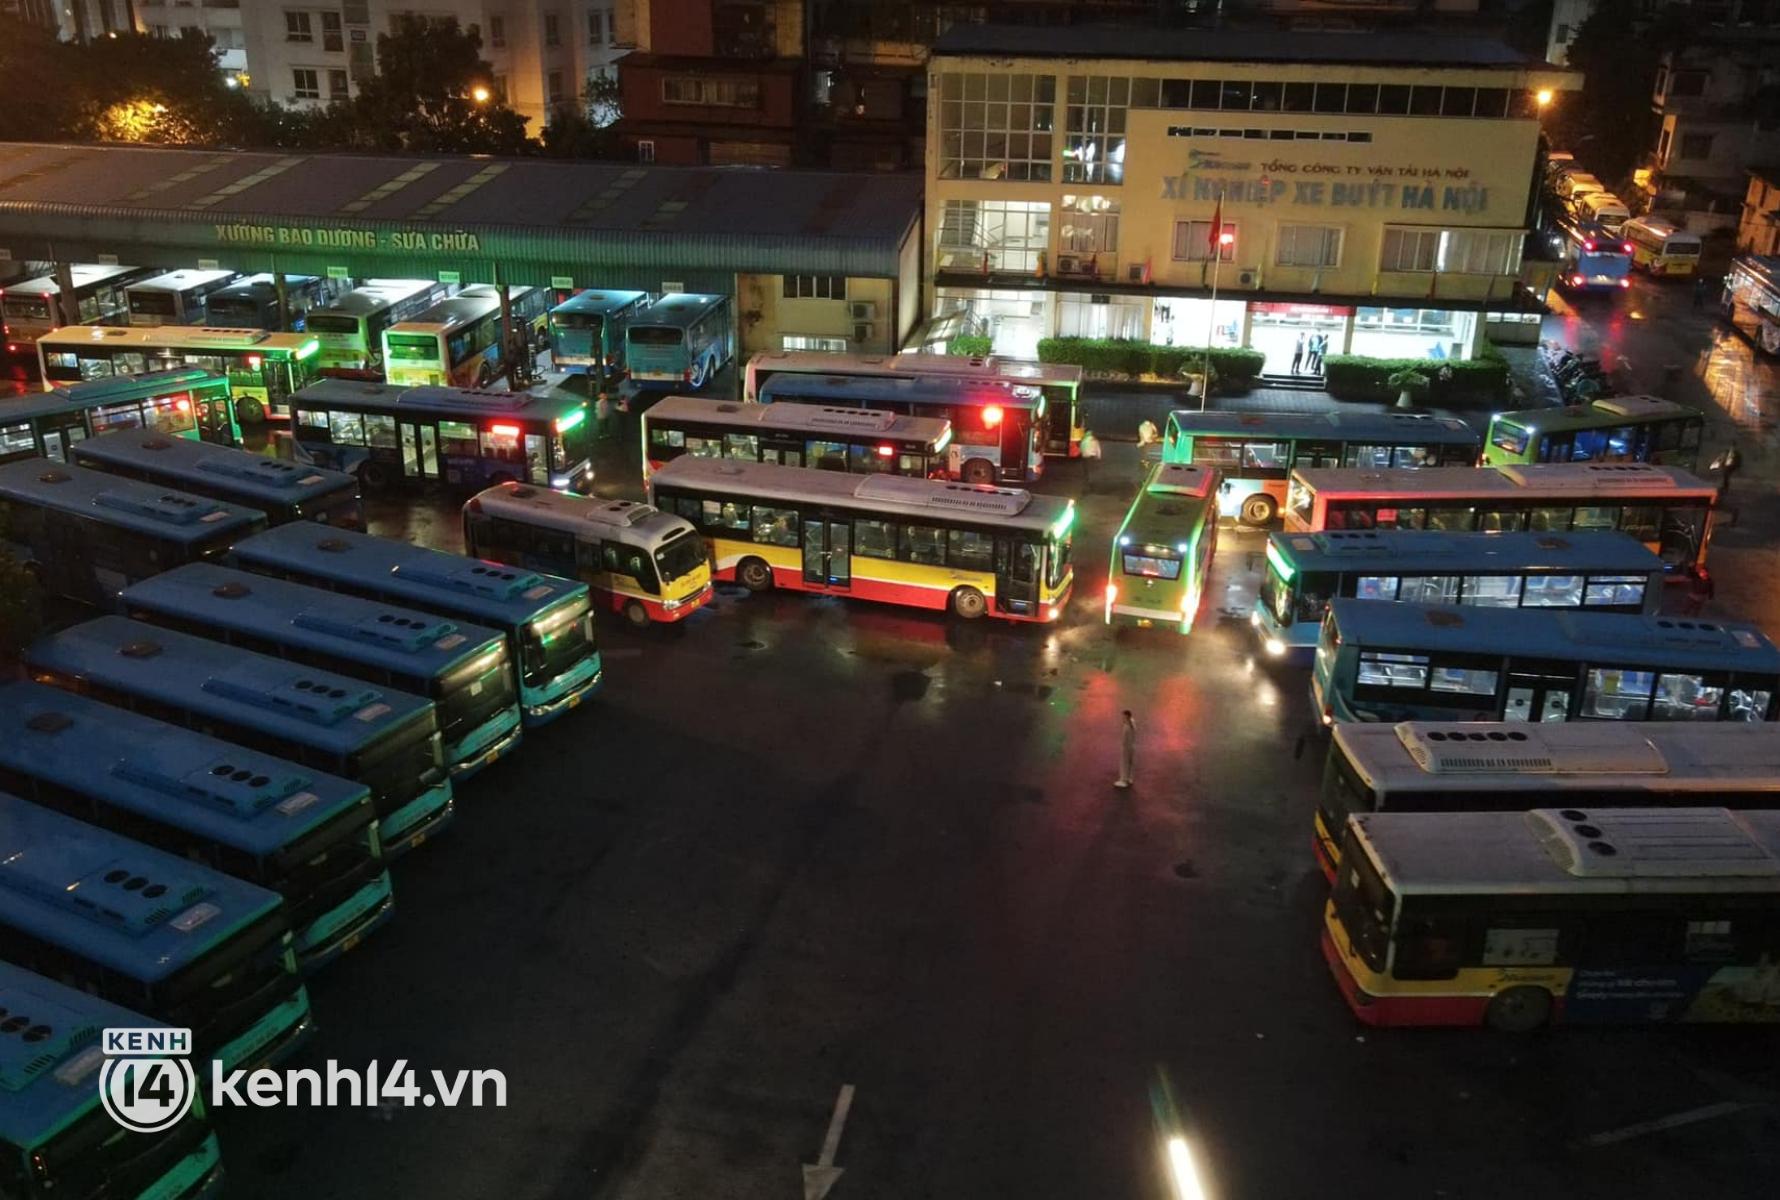 Hà Nội: Xe buýt, taxi hối hả chuẩn bị cho ngày đầu được hoạt động, đón khách trở lại - Ảnh 1.